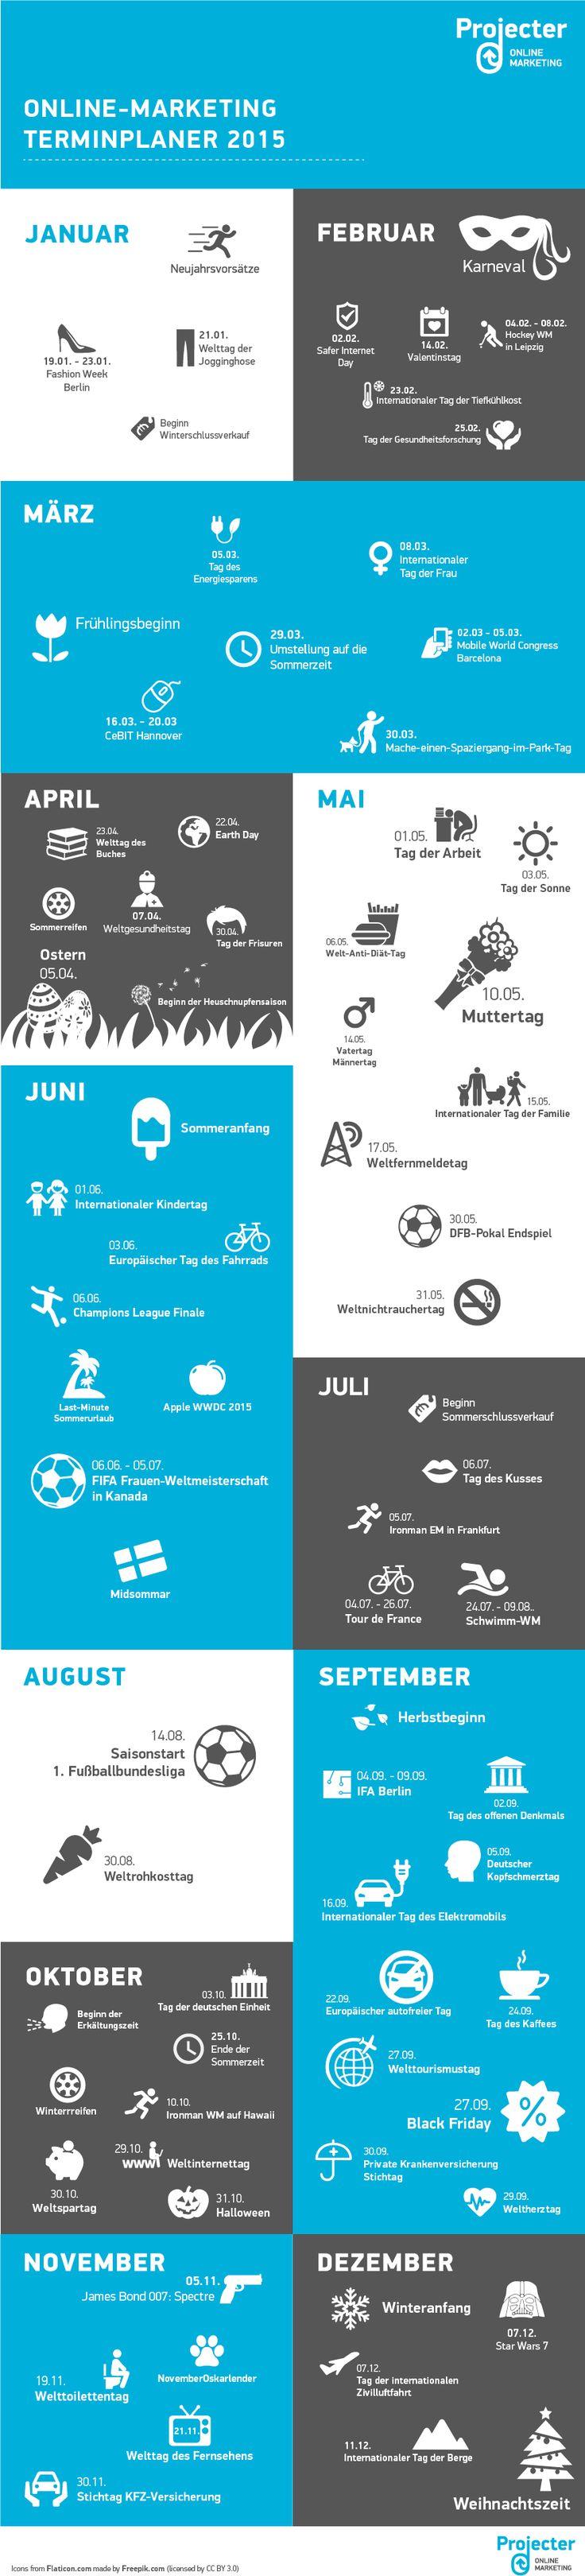 infografischer Terminkalender zur Planung von Aktivitäten im Online-Marketing, Content Marketing, Blogs, Online-PR